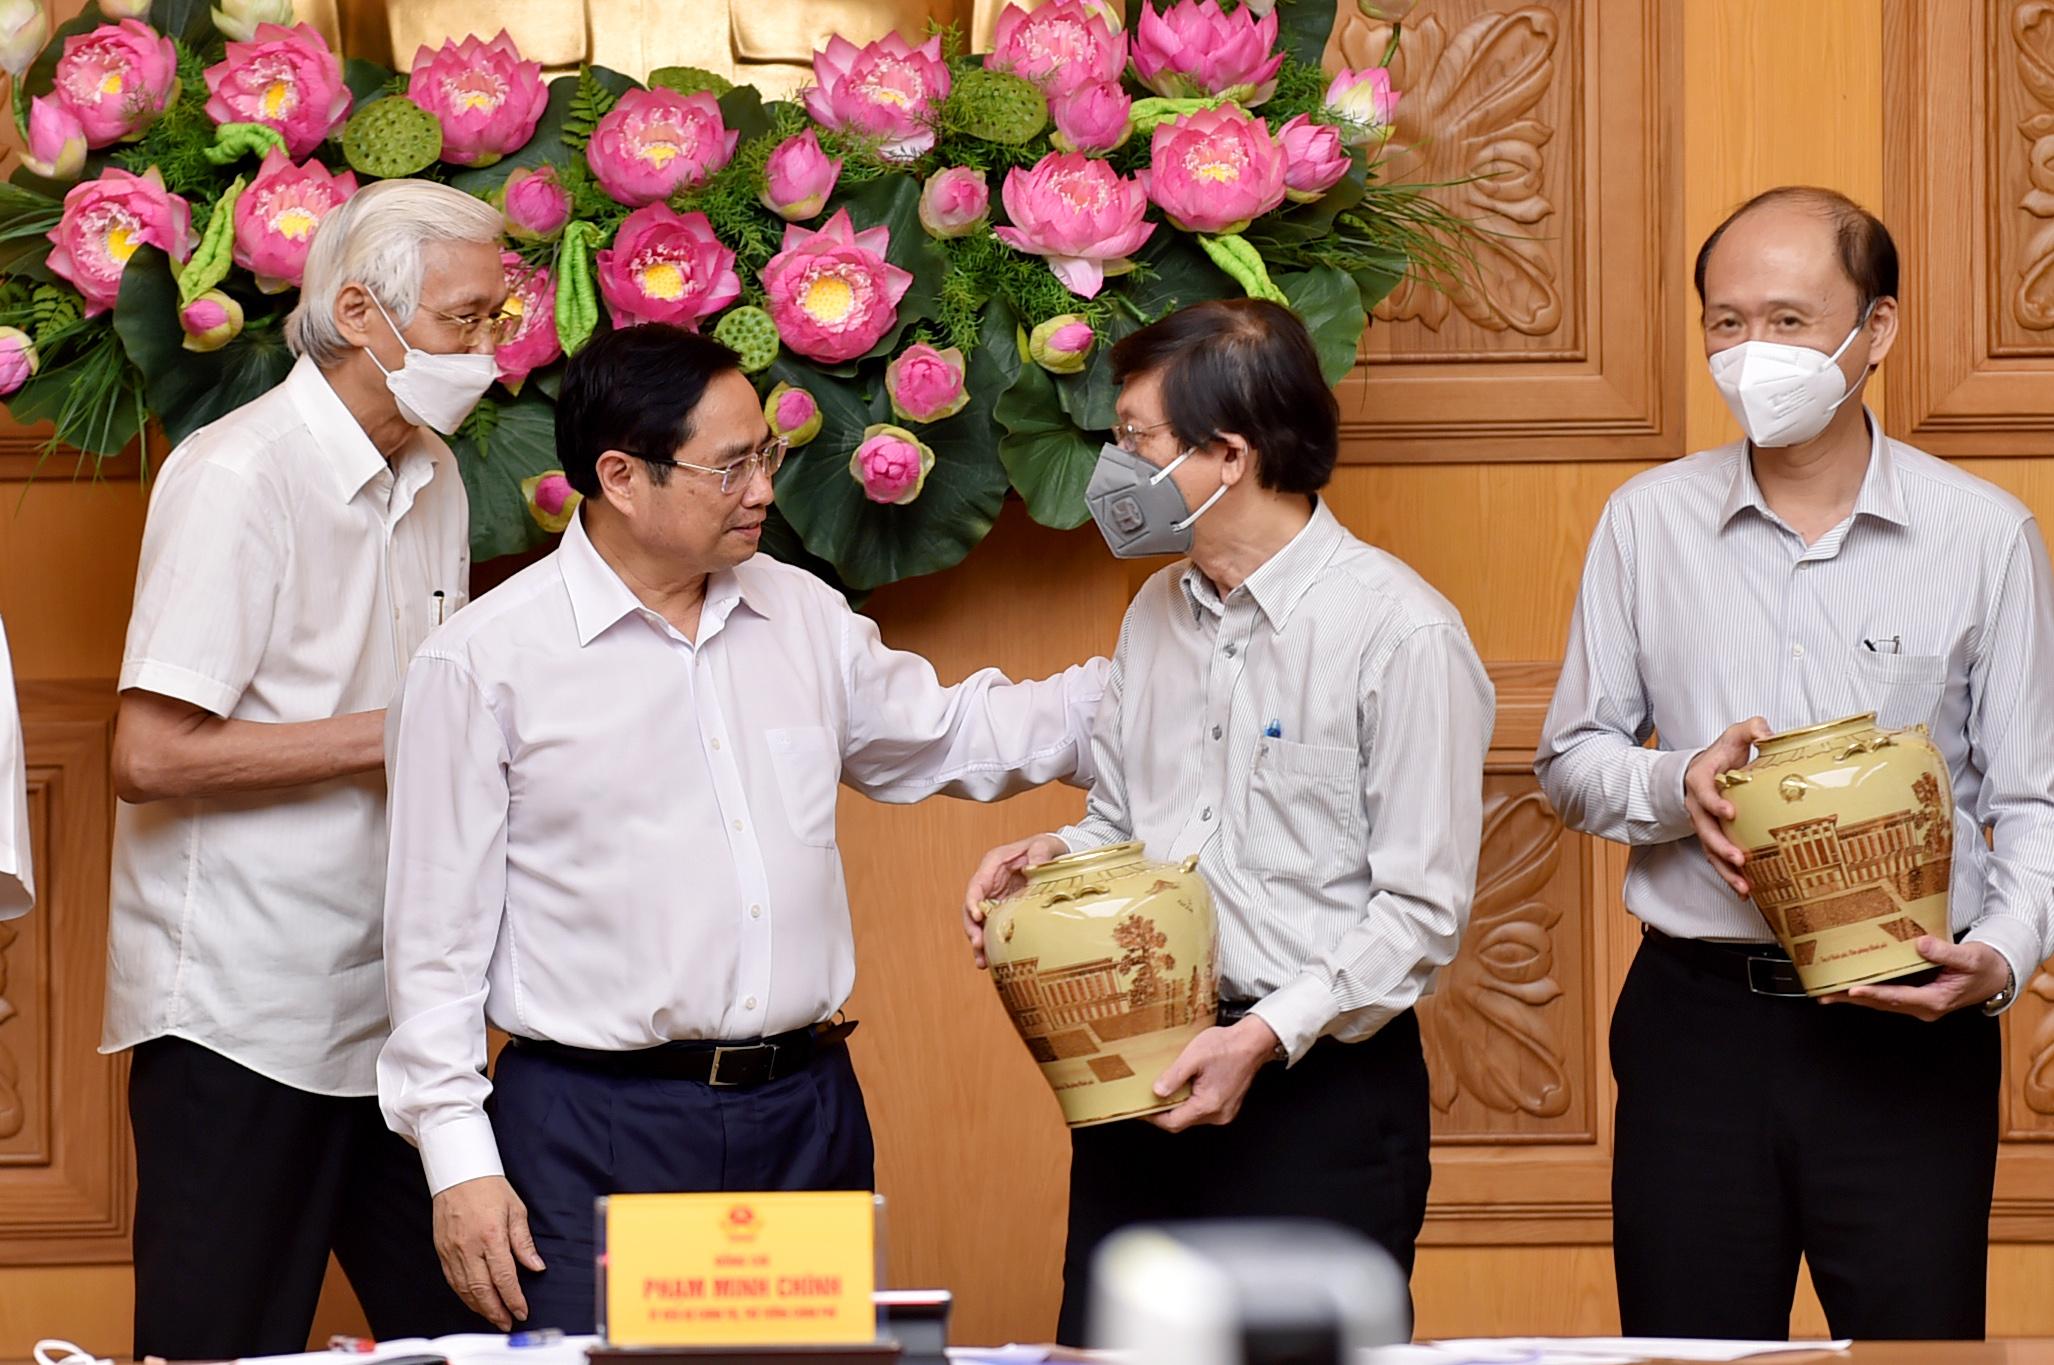 Thủ tướng trao đổi với các nhà khoa học, chiều 1/9. Ảnh: Nhật Bắc